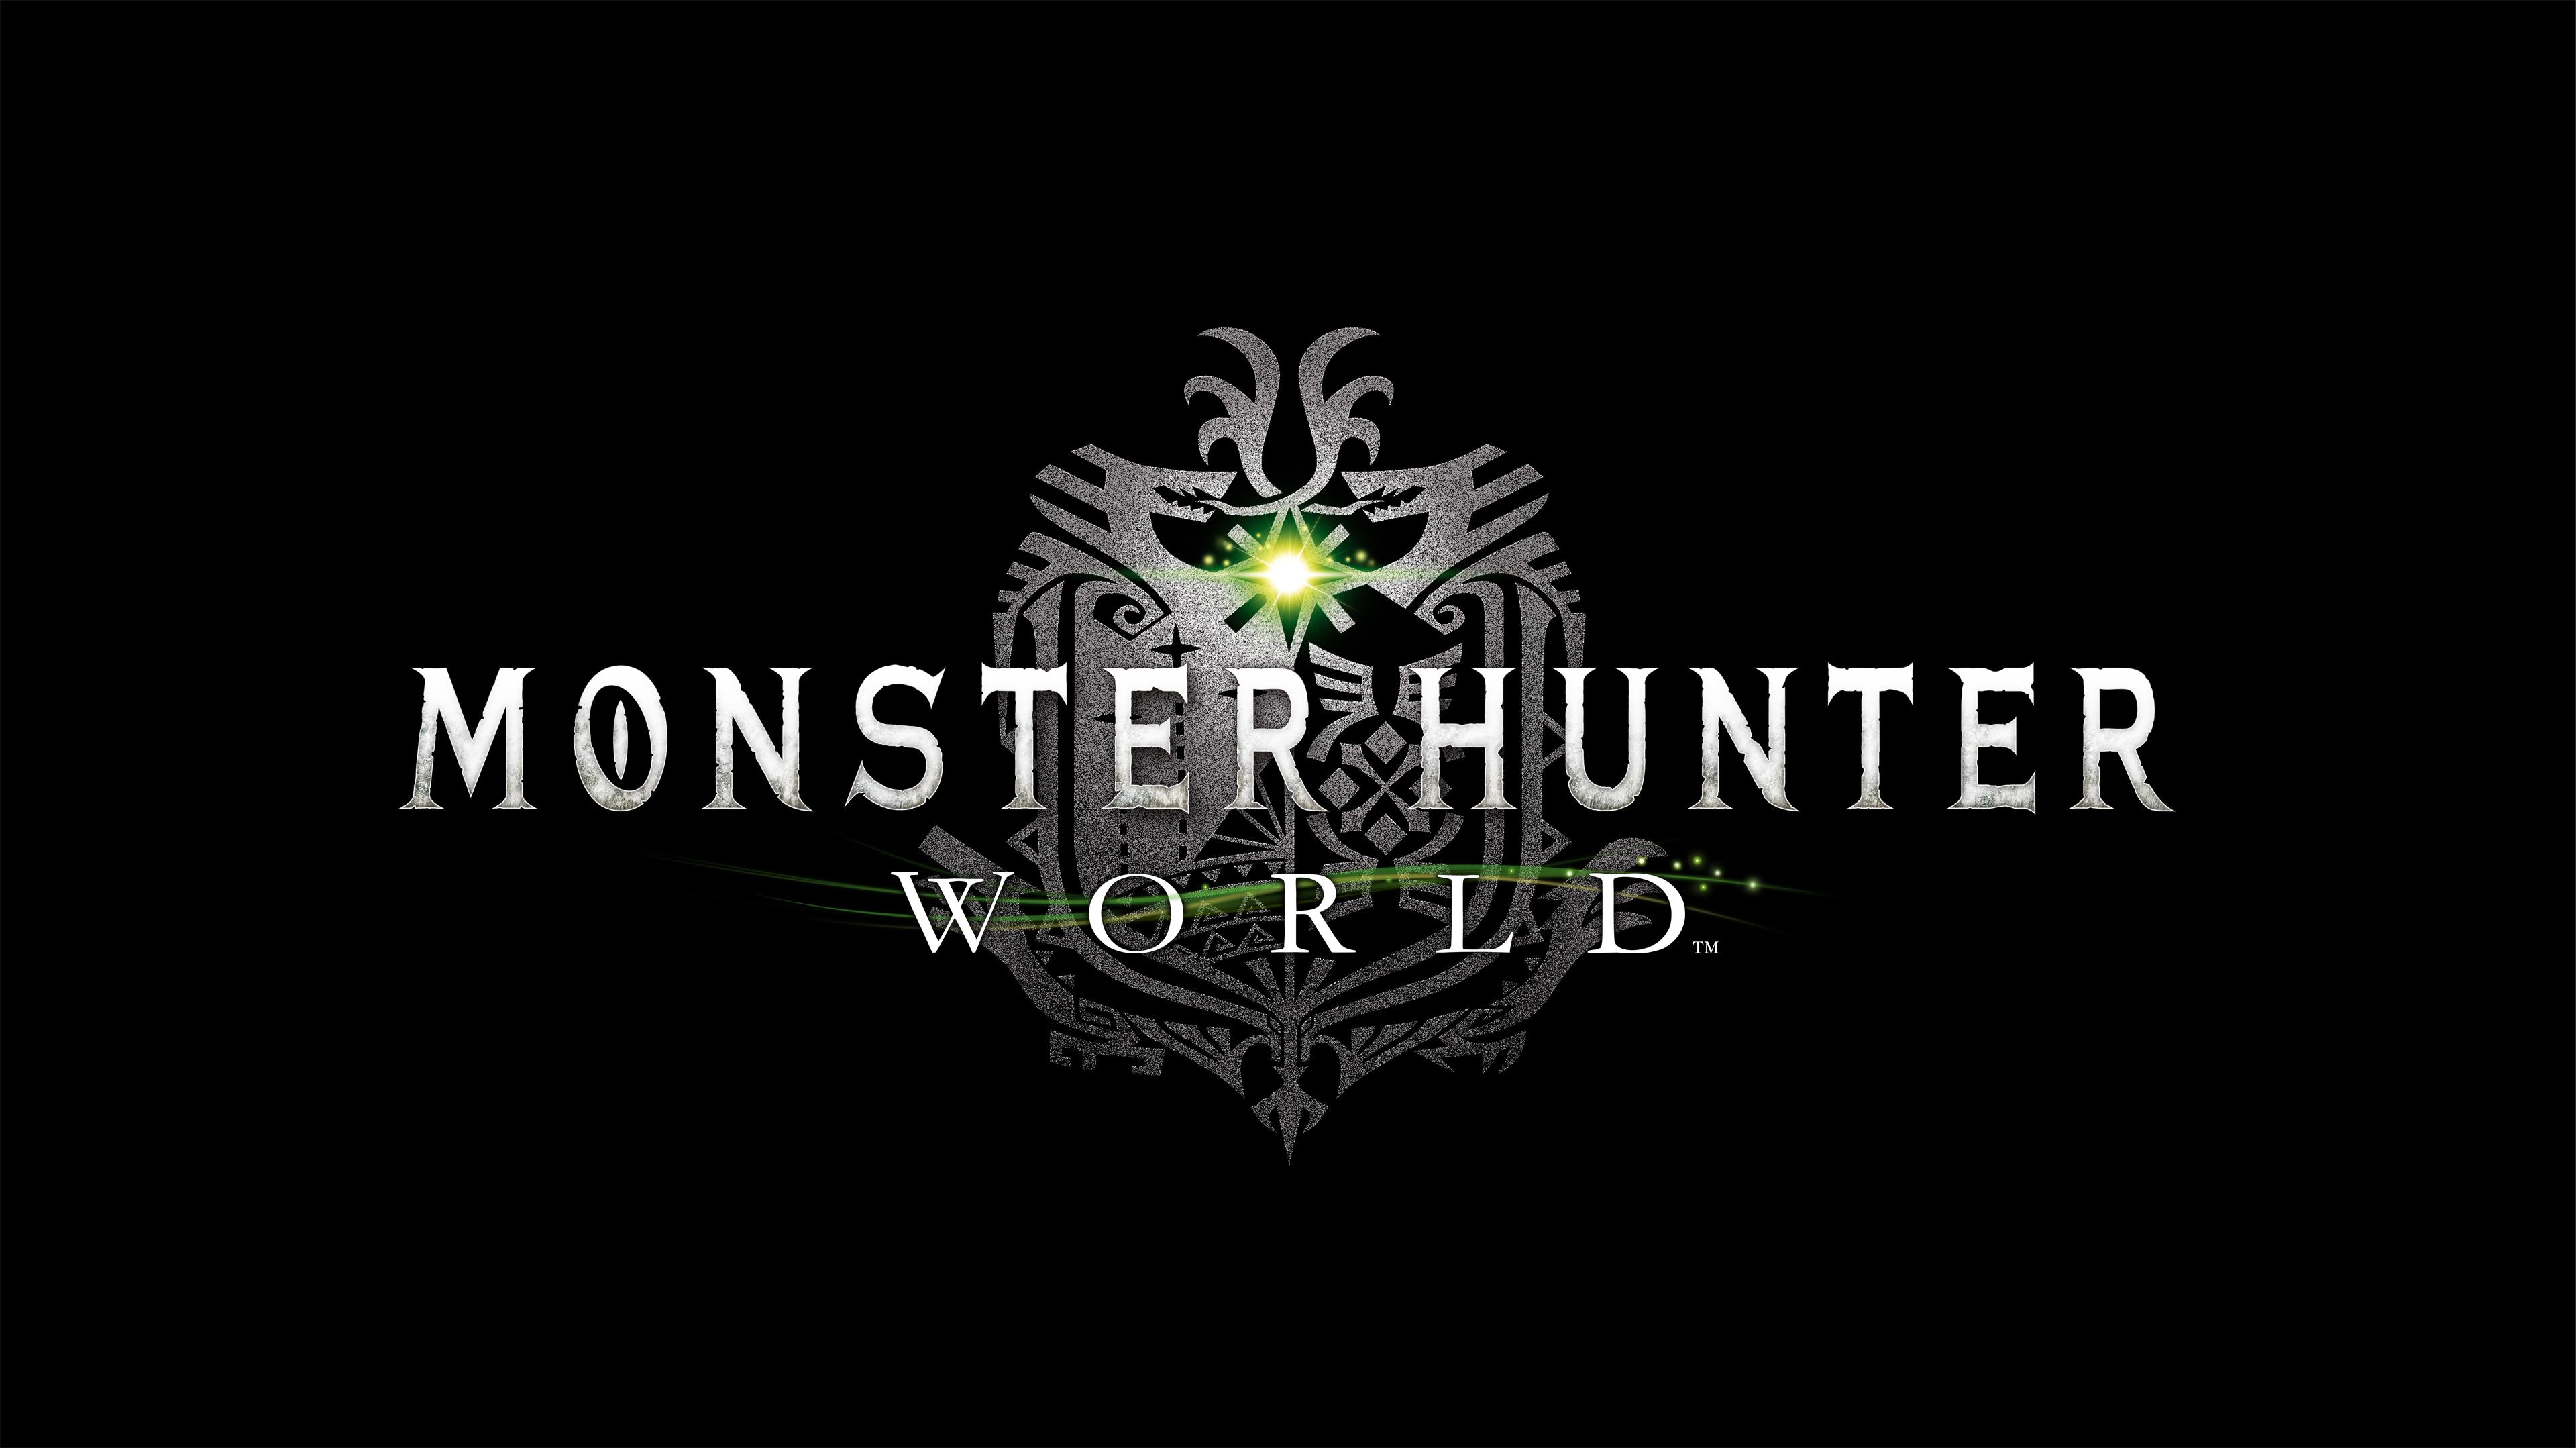 Monster Hunter World 4k Wallpaper: Monster Hunter World, HD Games, 4k Wallpapers, Images